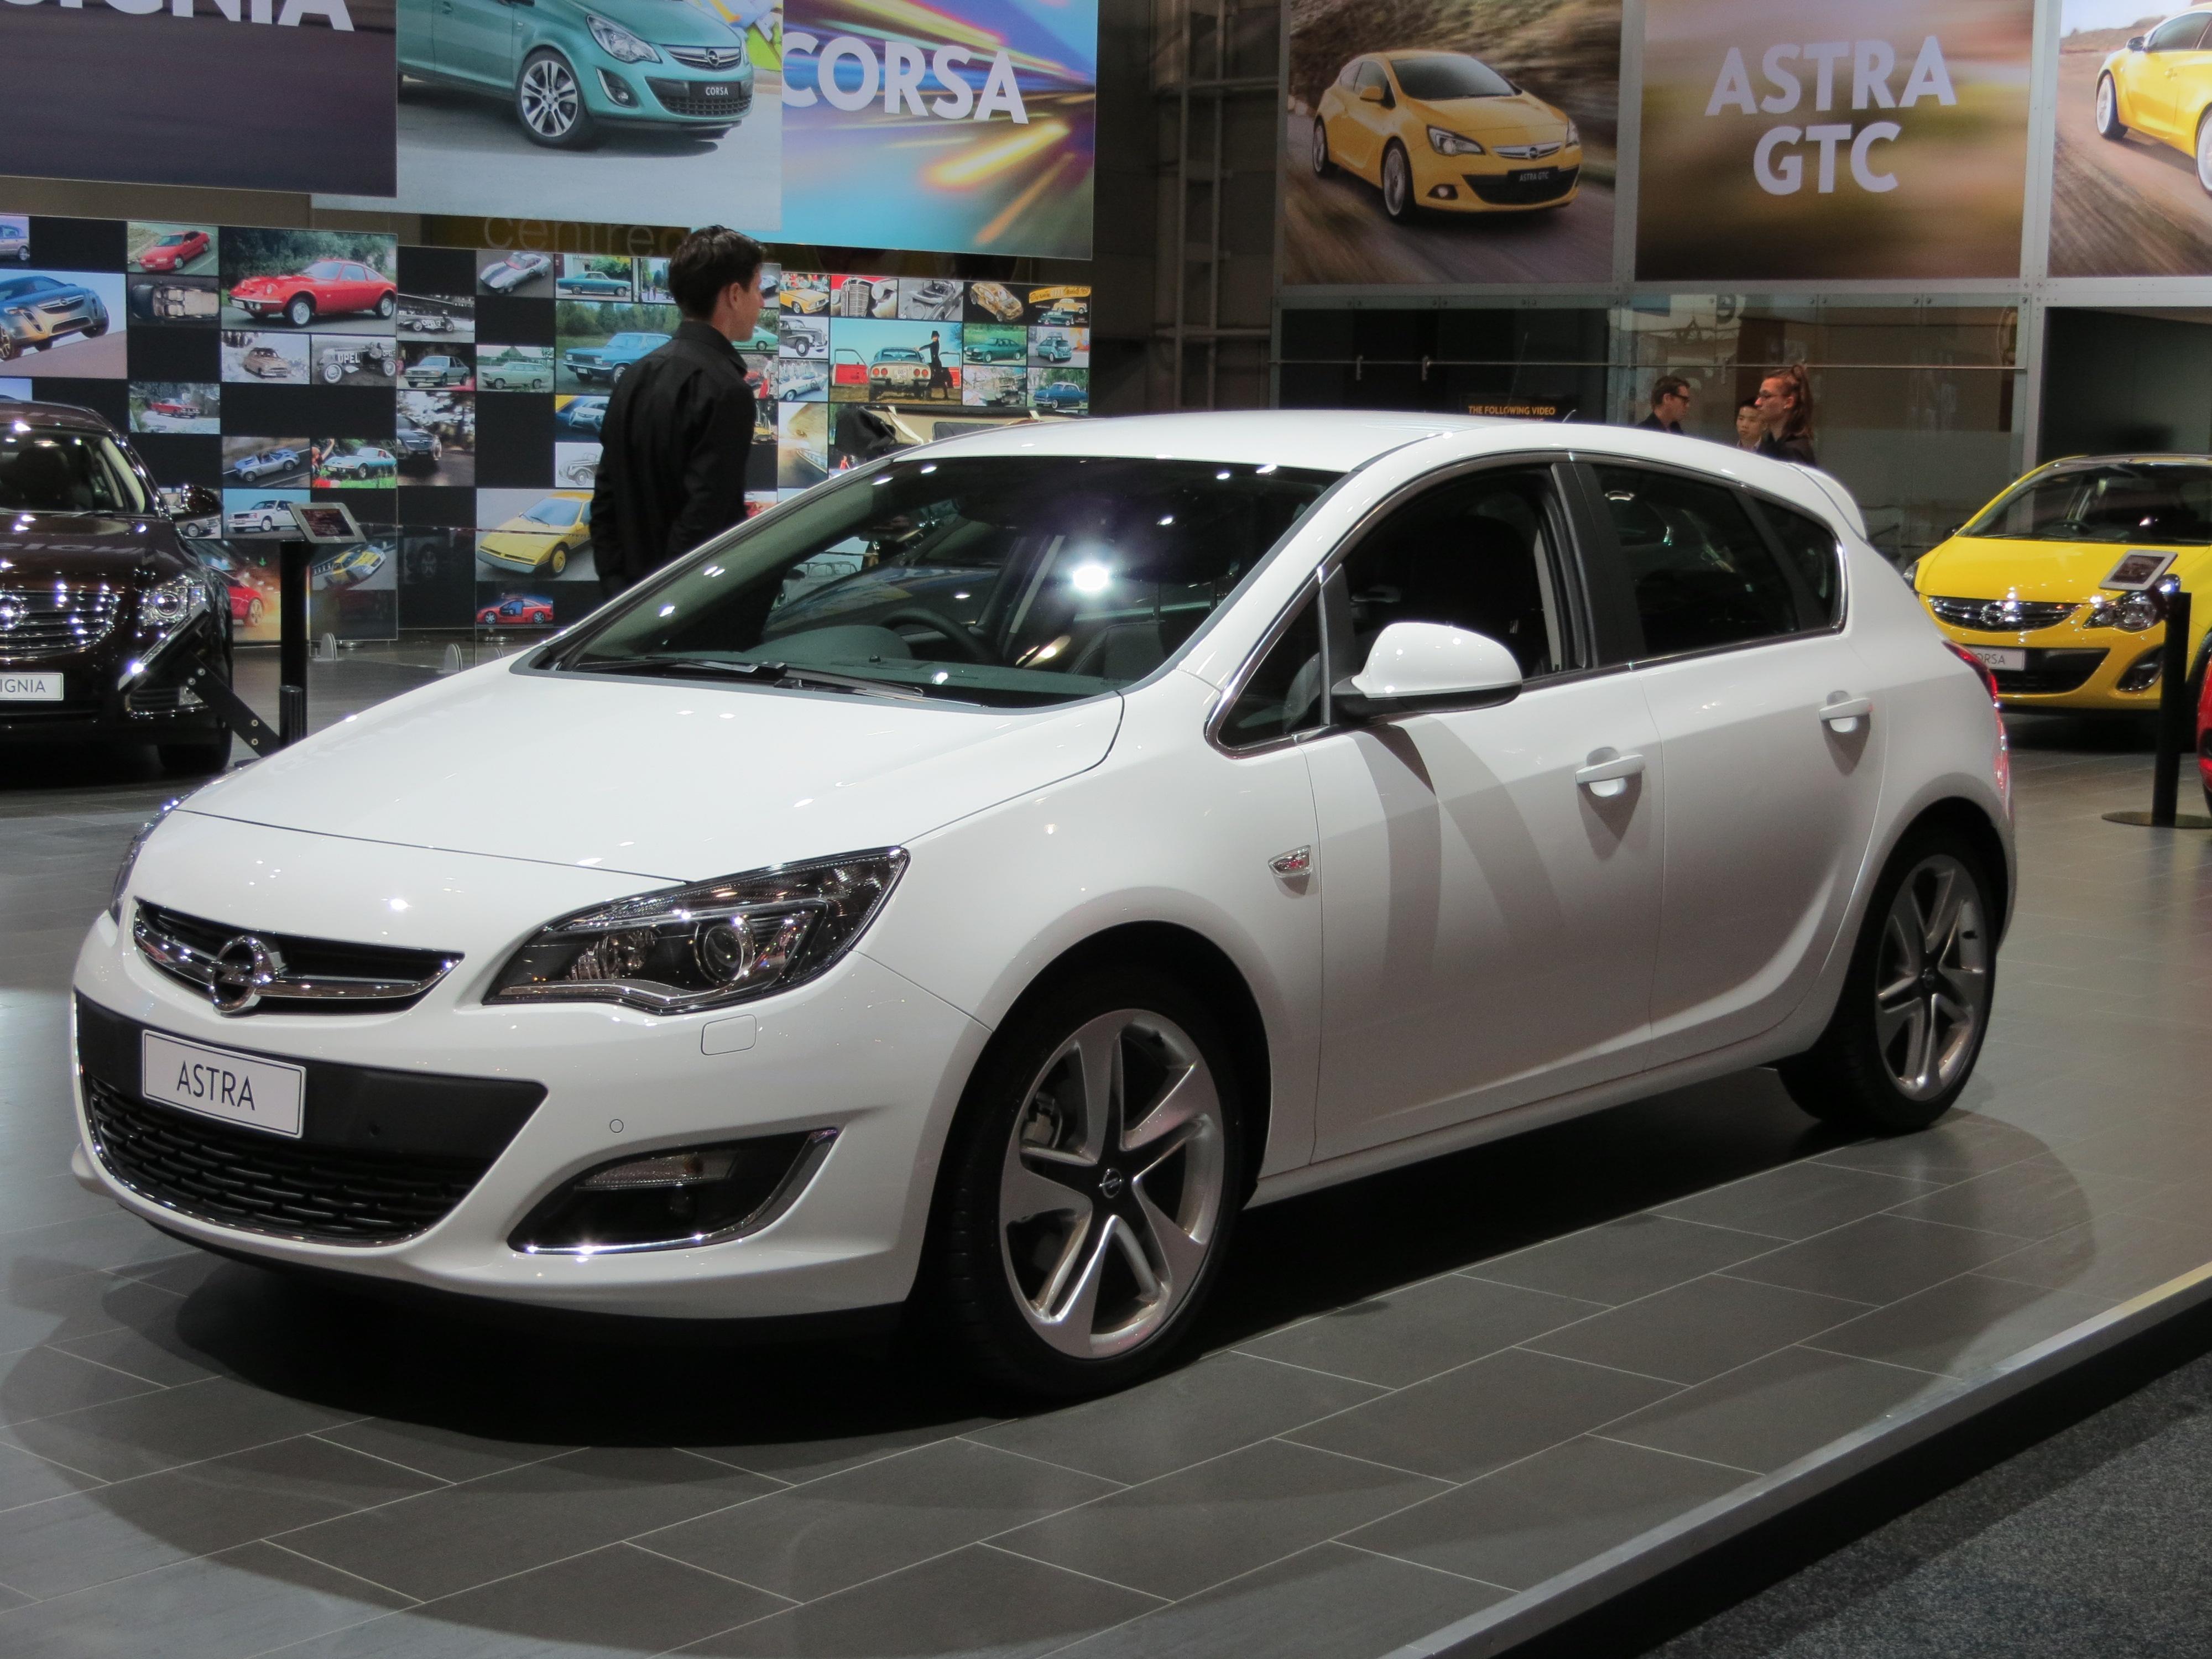 Nice File:2012 Opel Astra (AS) Sport 5 Door Hatchback (2012